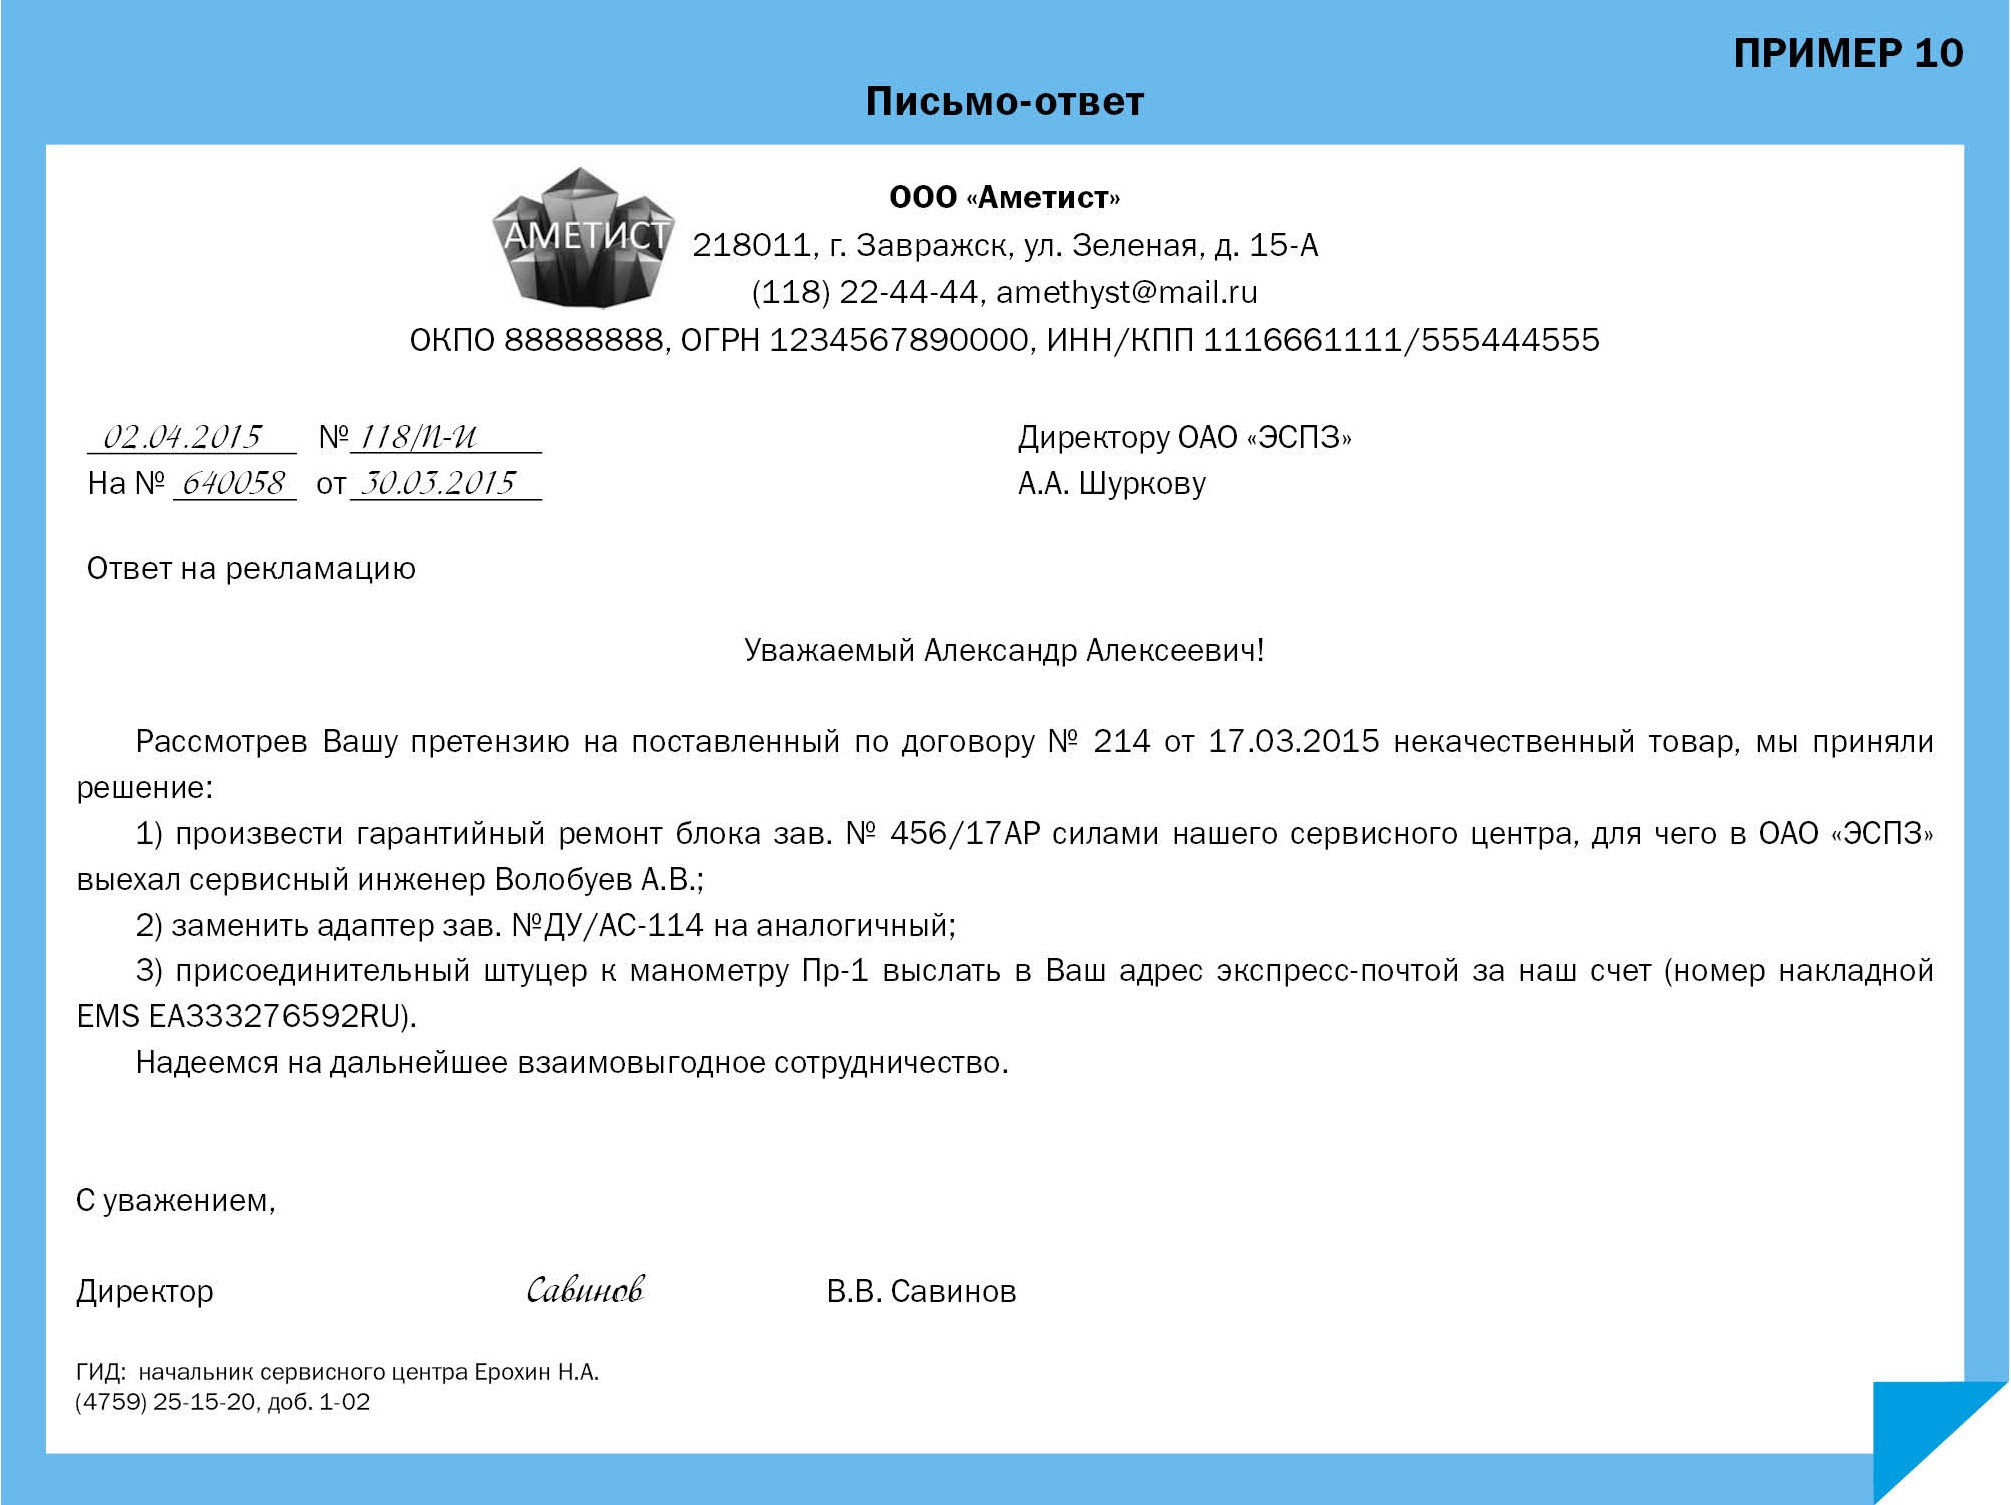 Документ об утере письма на почте